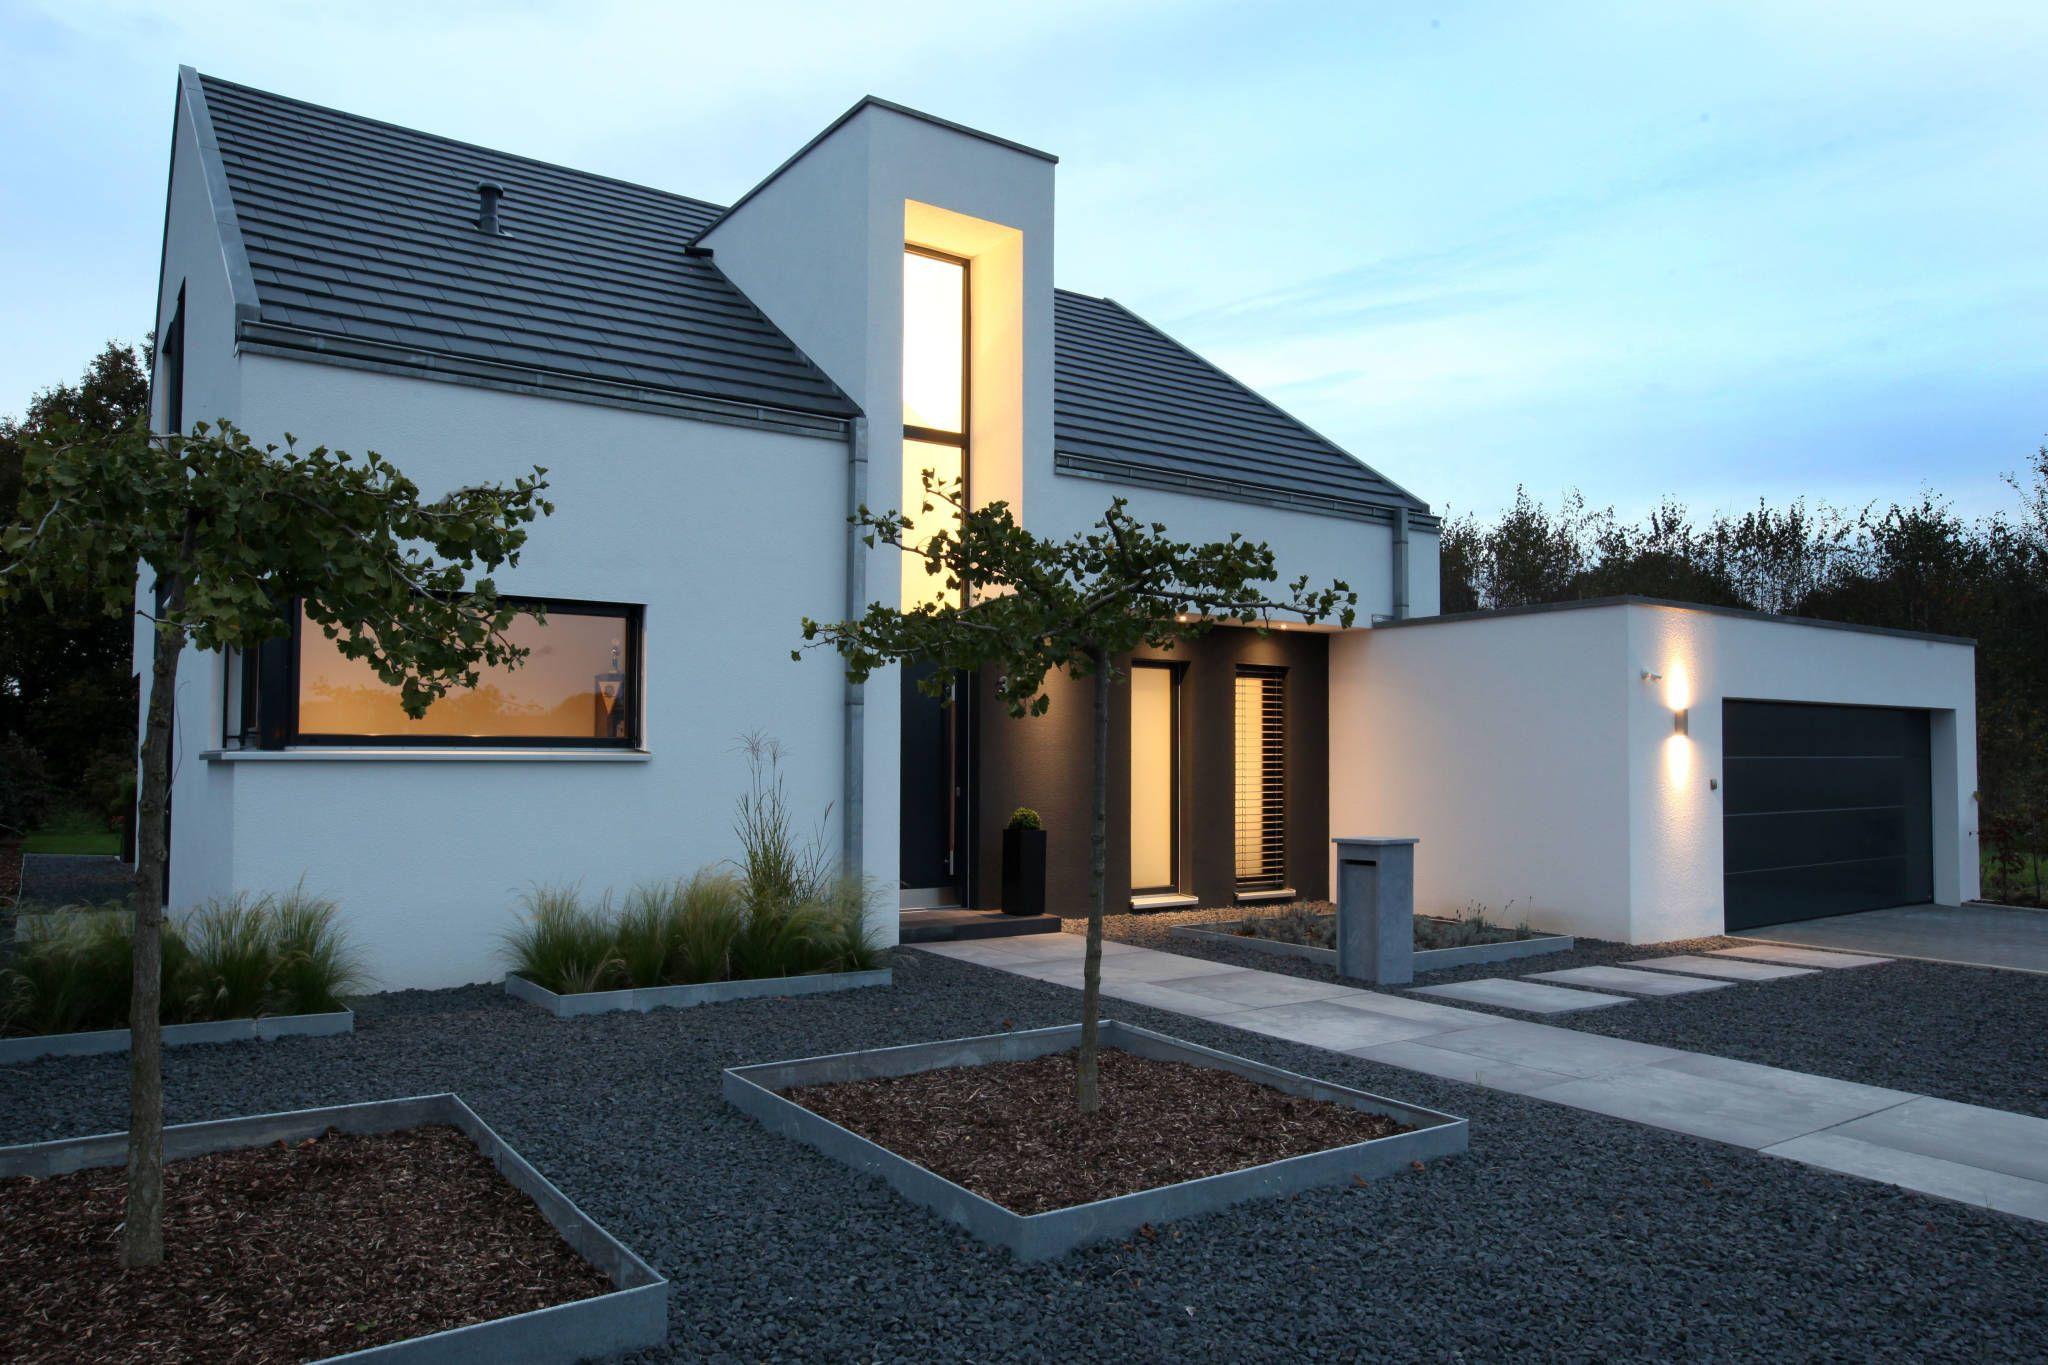 Eingangsbereich Haus Außen : eingangsbereich nachtaufnahme h user von architektur jansen efh satteldach minimalistisches ~ Watch28wear.com Haus und Dekorationen